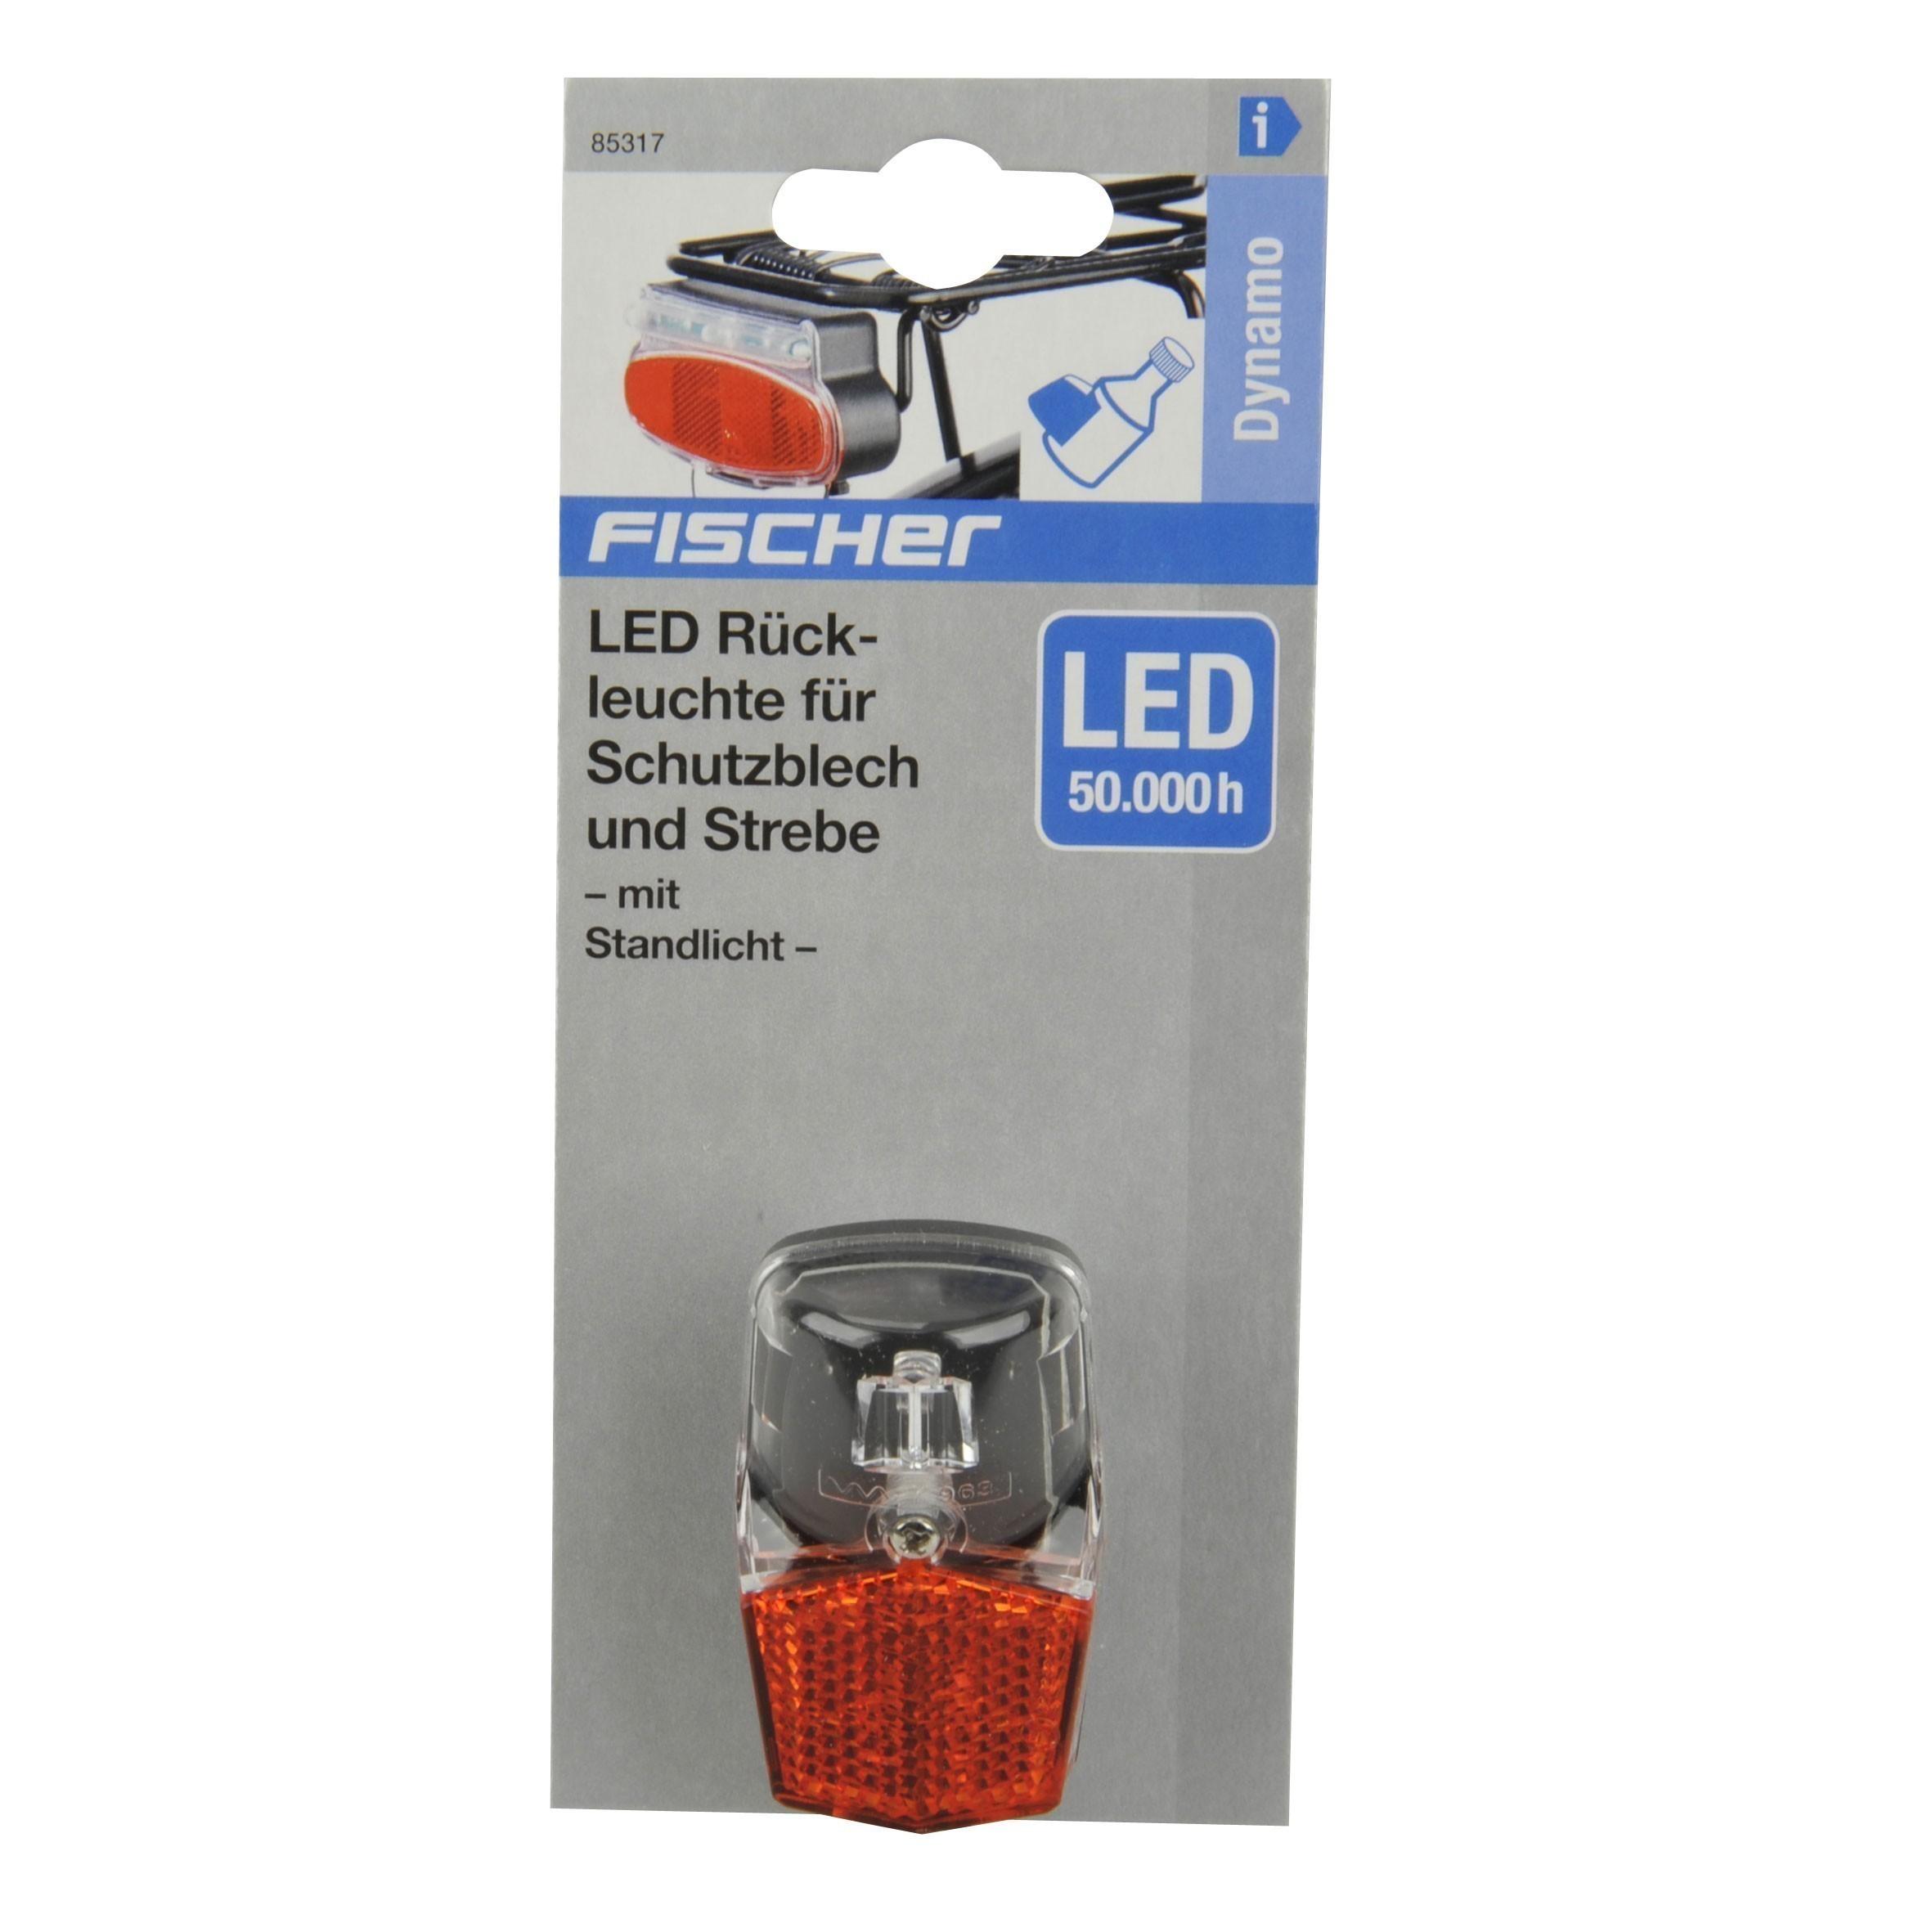 Fischer Fahrradbeleuchtung mit Dynamo / LED Rückleuchte mit Standlicht Bild 2